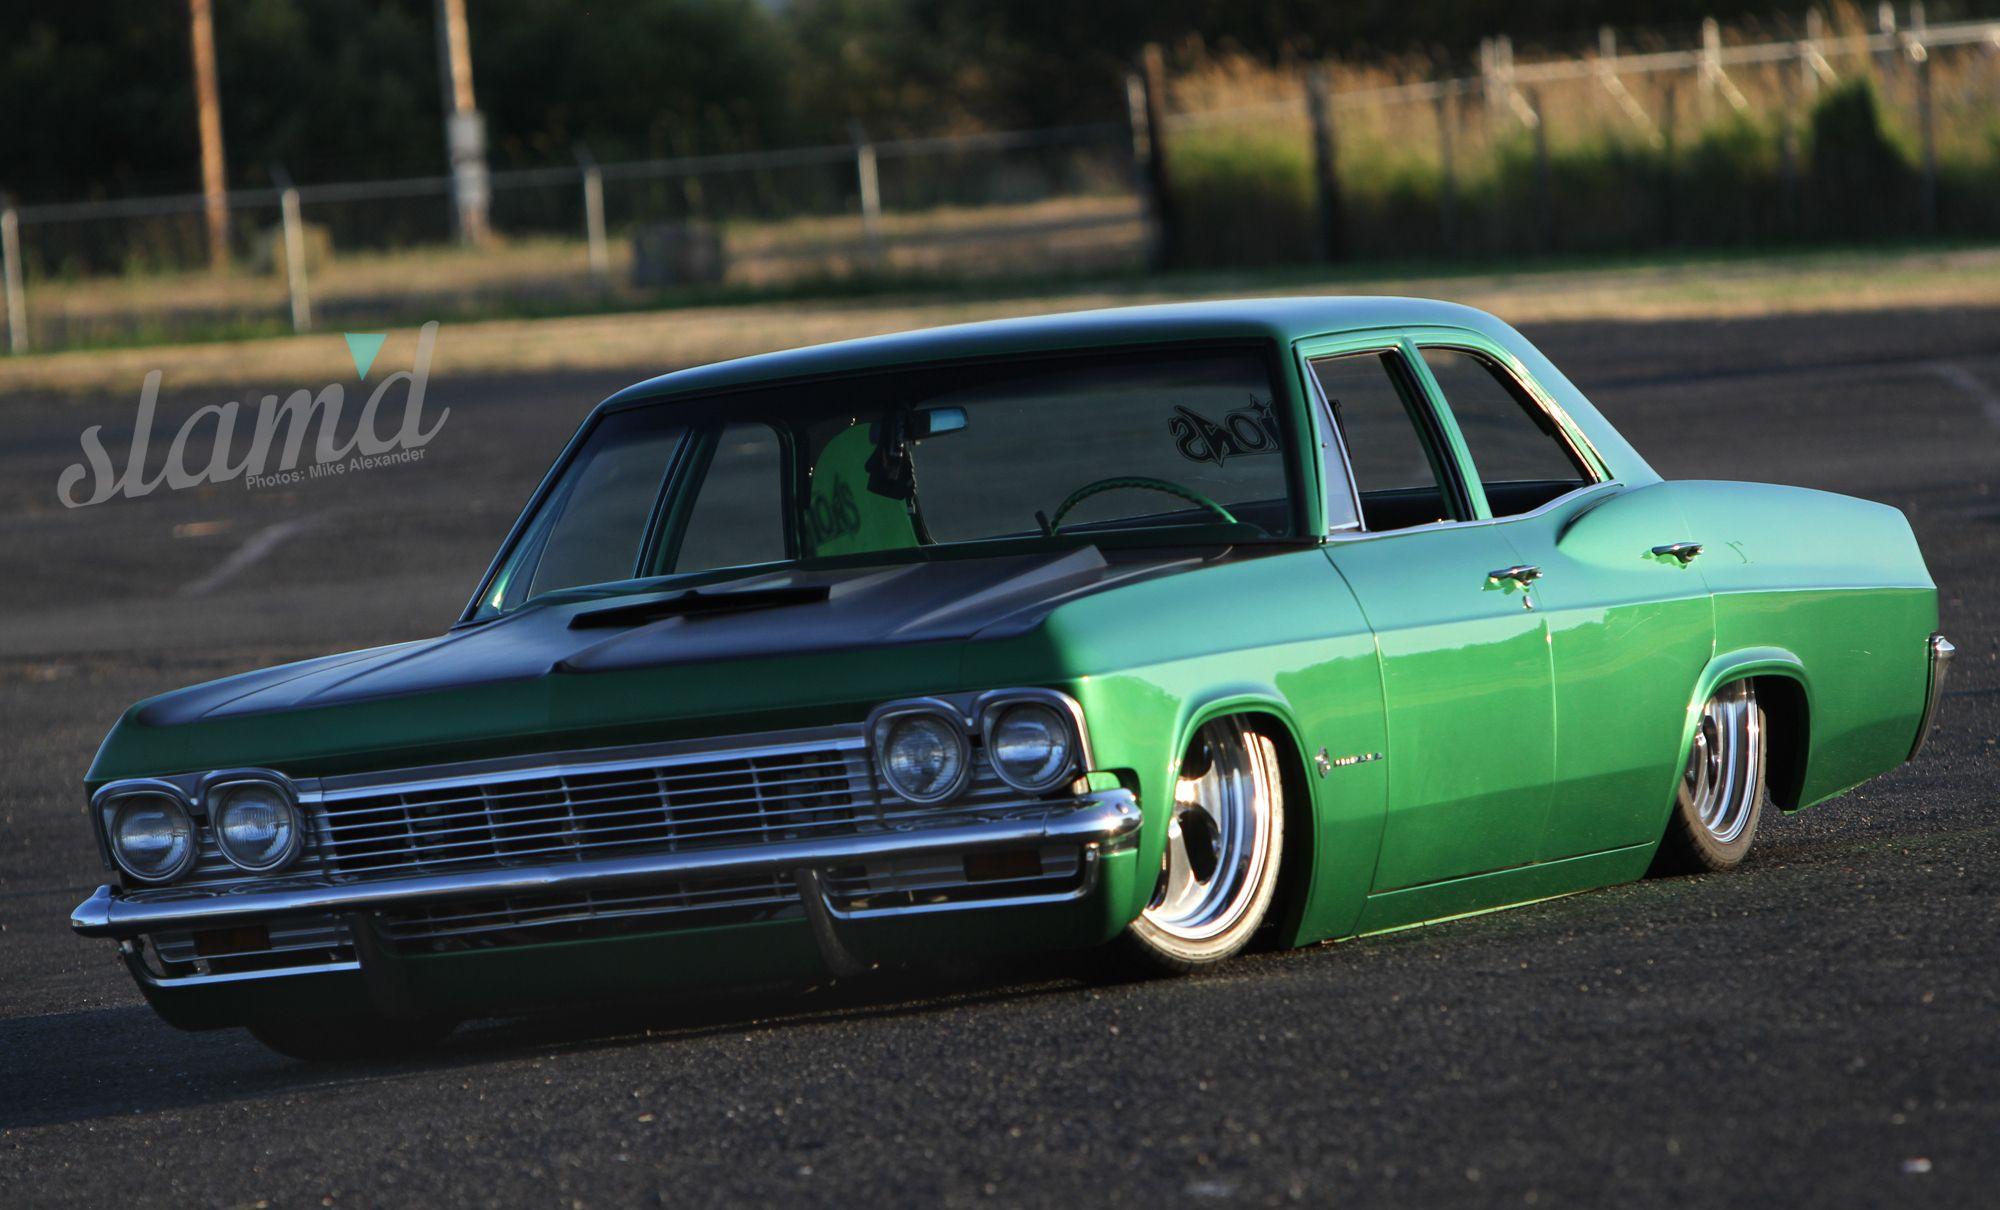 Chevrolet Impala 1965 4 Door Recherche Google Chevrolet Impala Chevrolet Impala 1965 Chevrolet